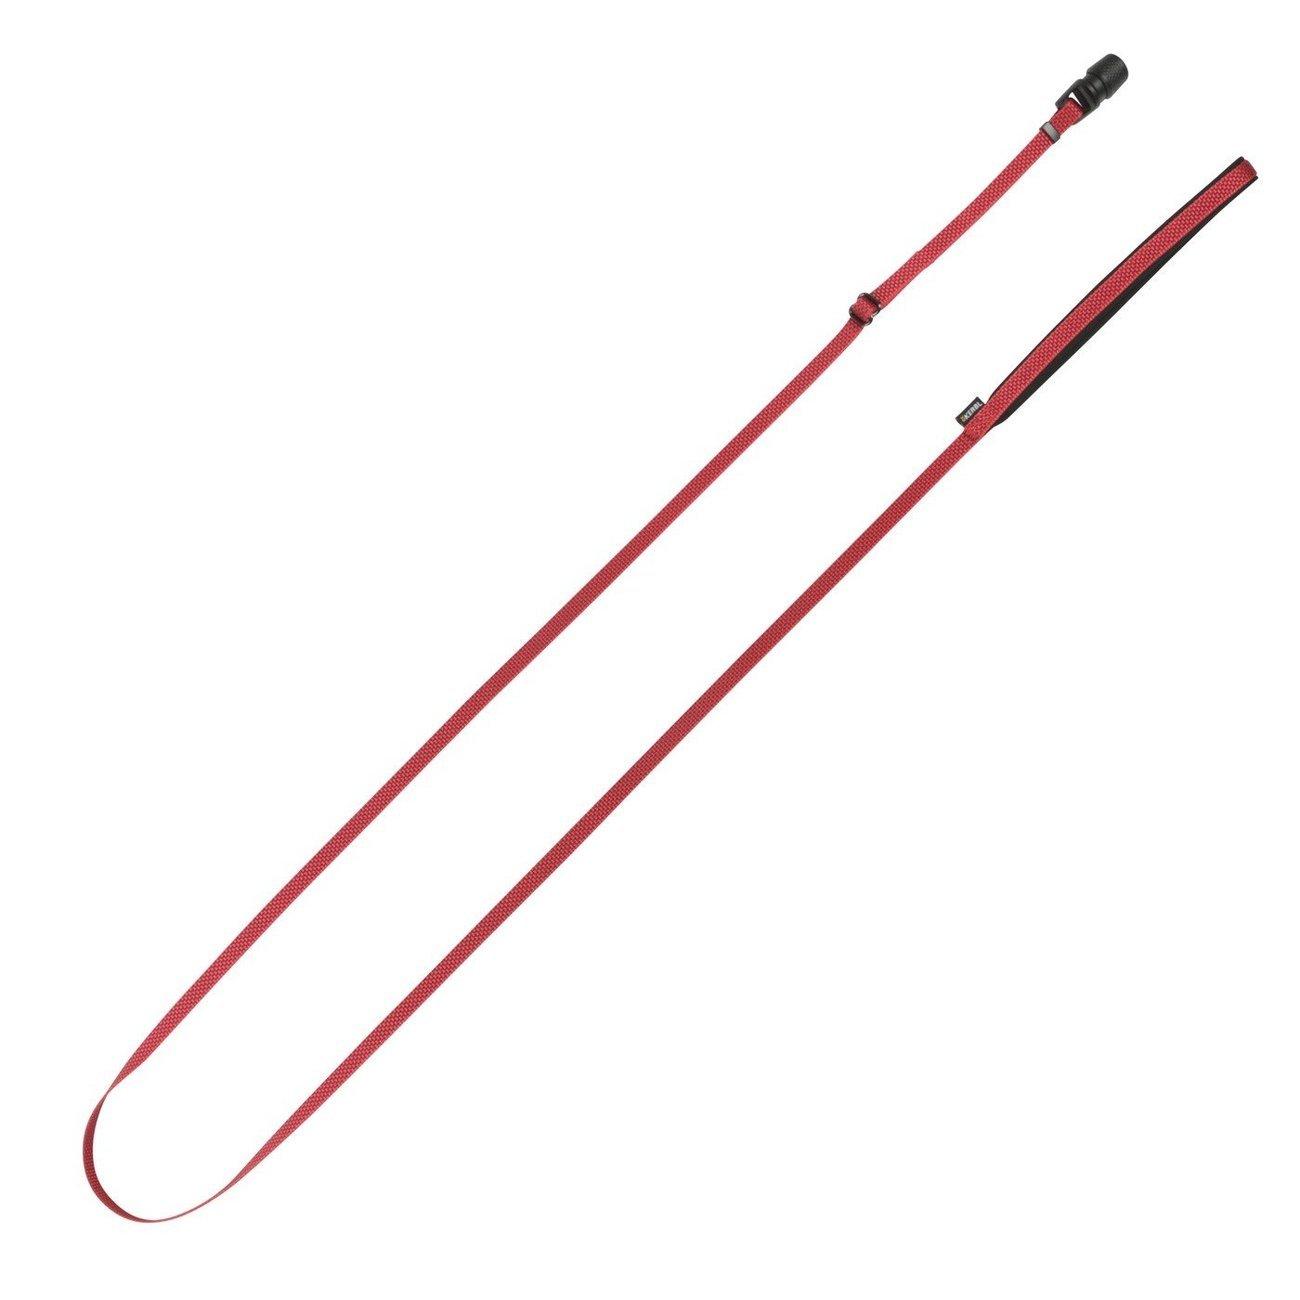 Hundeleine Flat GoLeyGo 2.0, rot, 10mm x 140-200cm